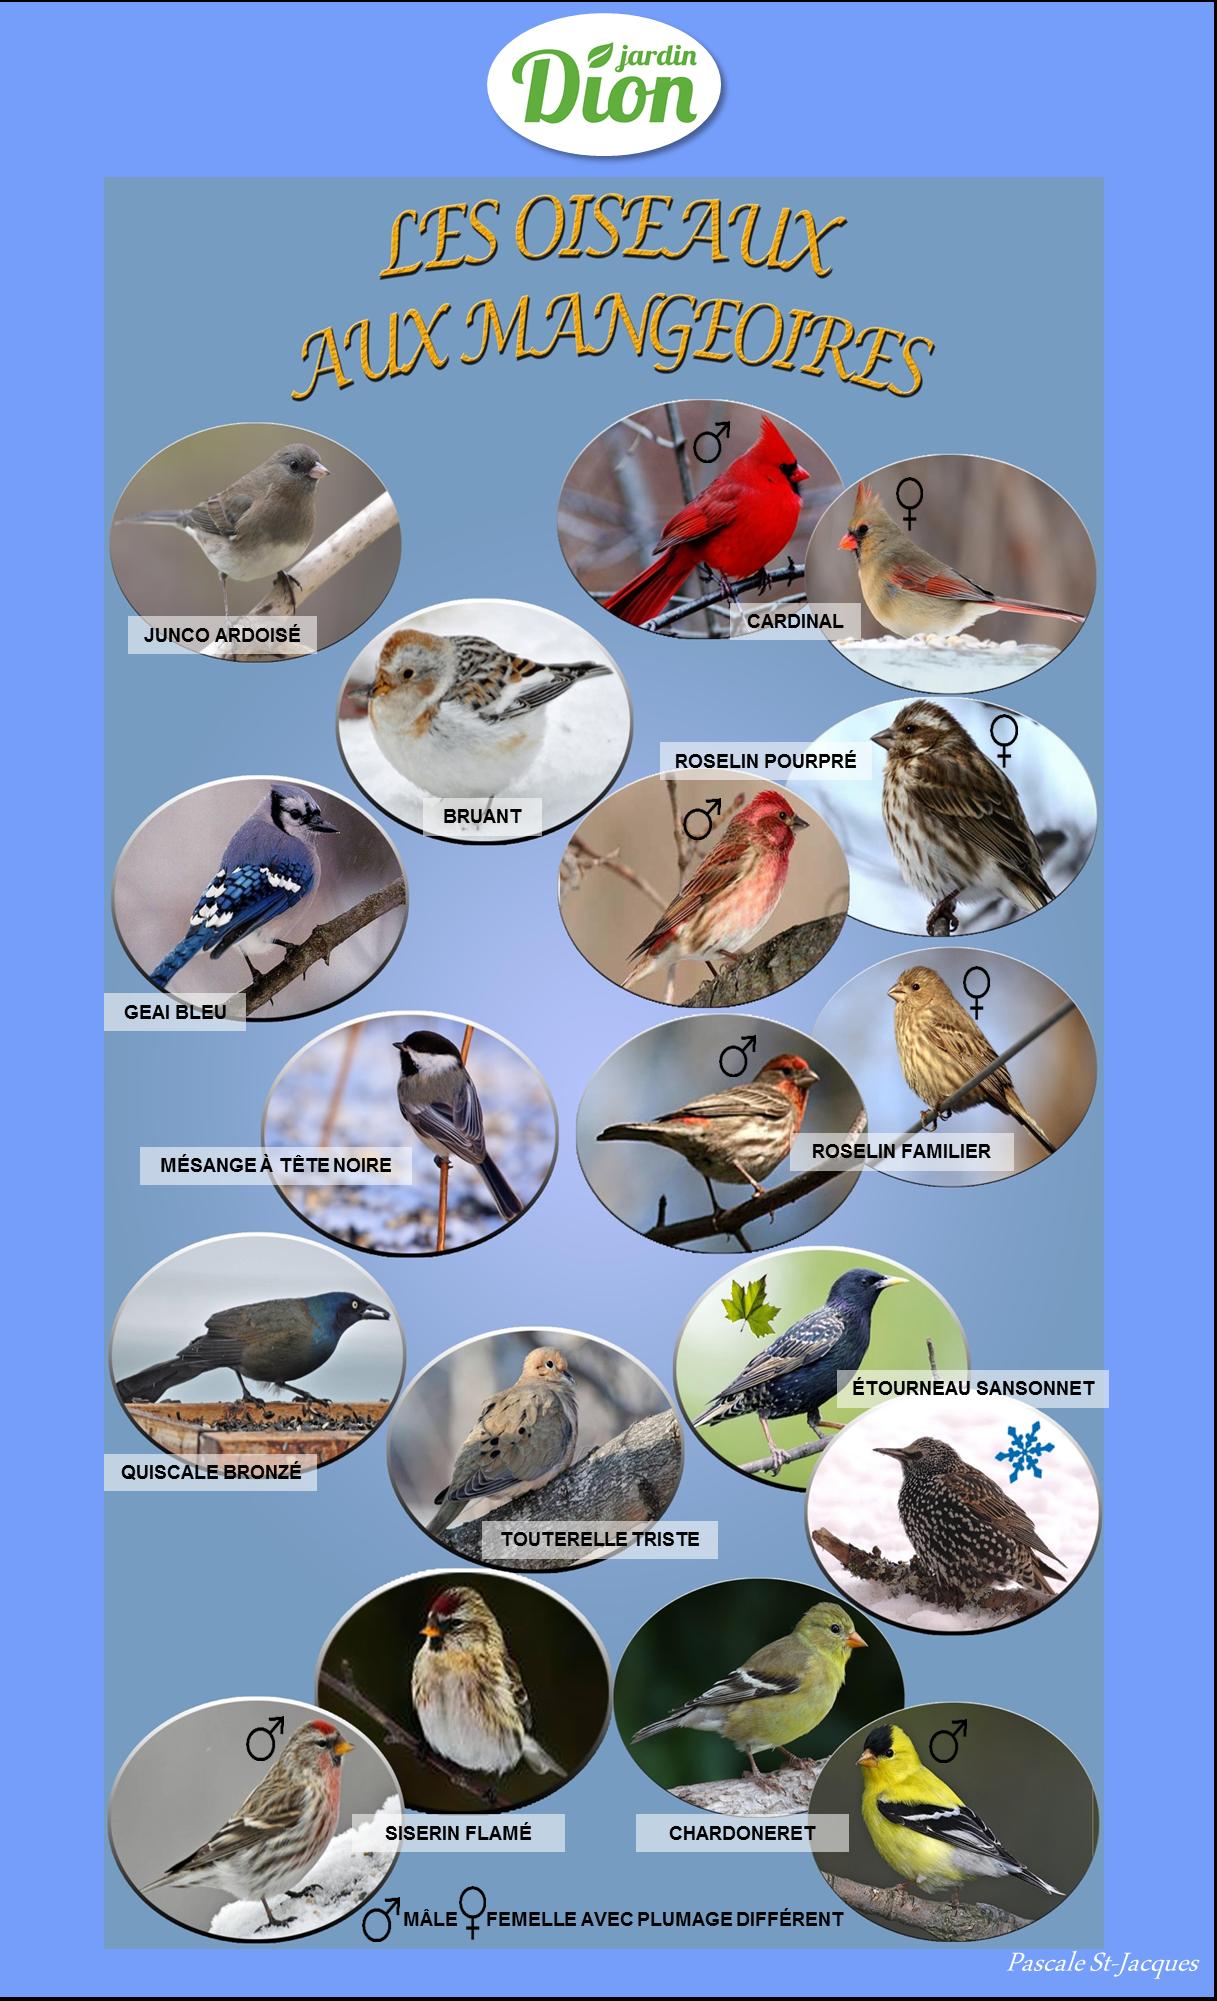 Les oiseaux sauvages du Québec - Jardin Dion